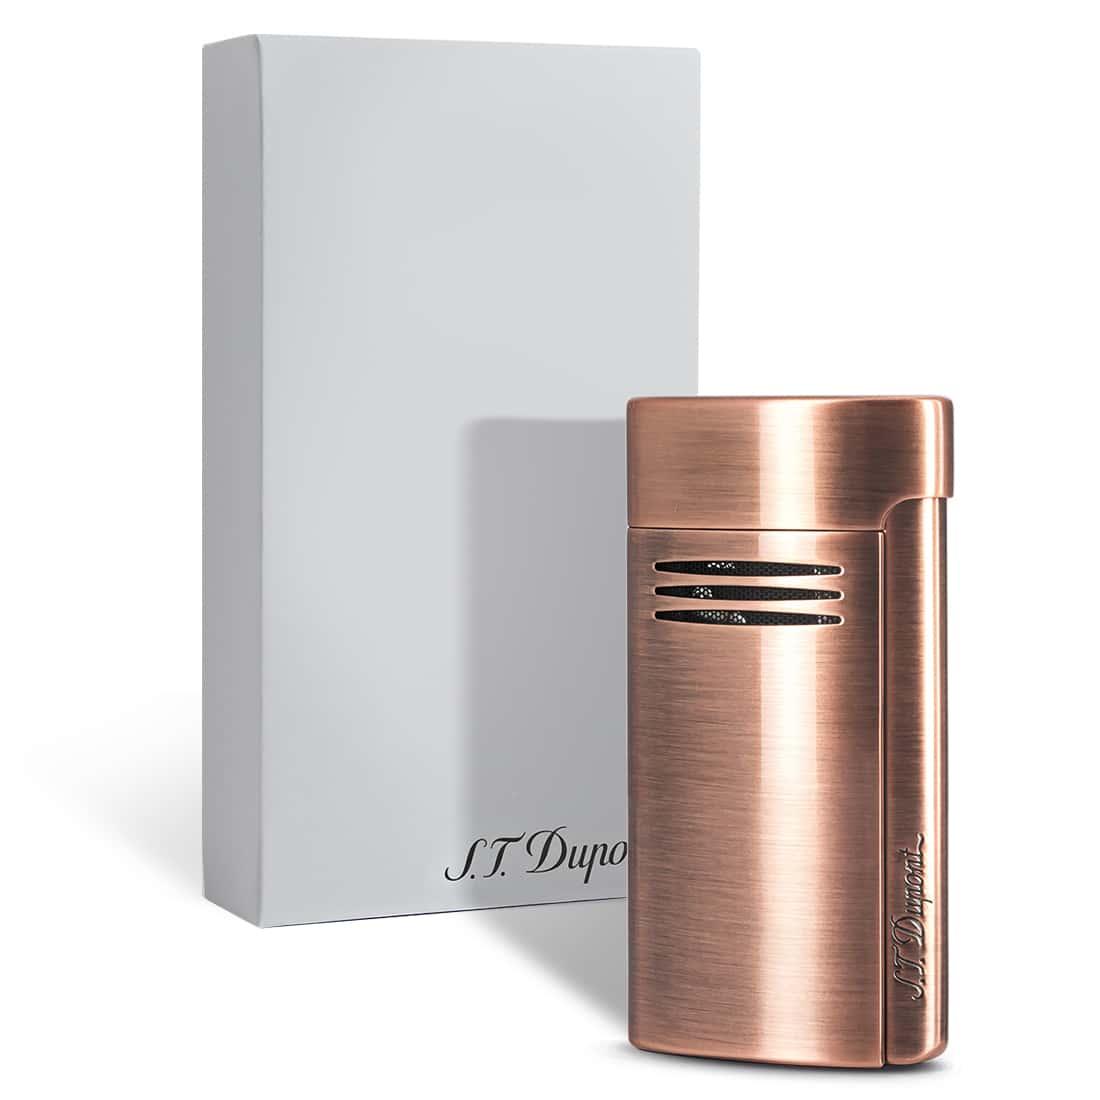 Photo #1 de Briquet S.T. Dupont MegaJet Cuivre Brushed Copper